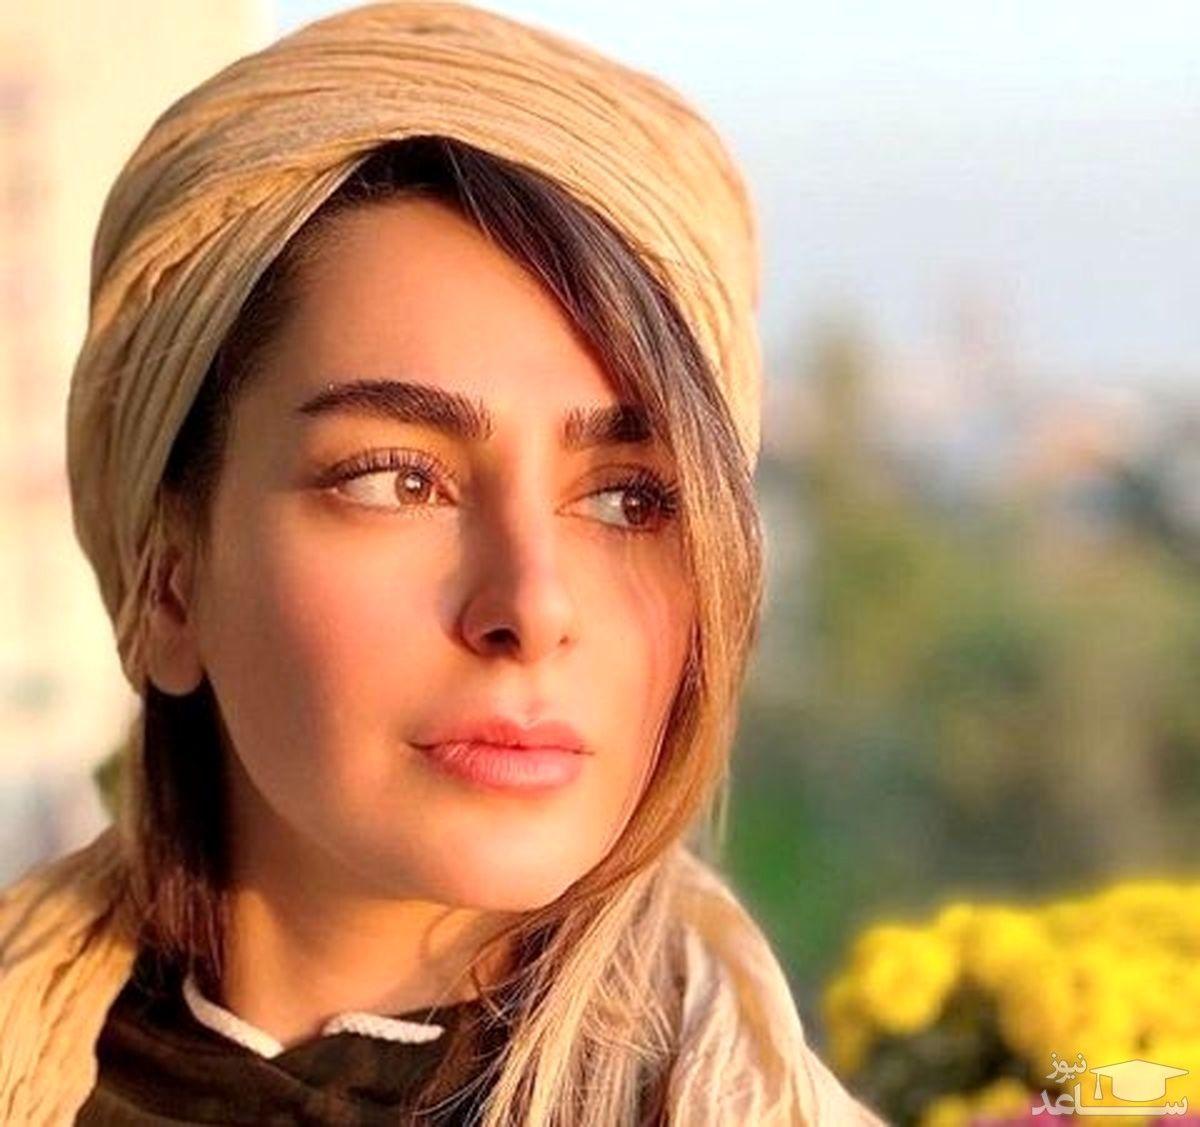 عکس جدید سمانه پاکدل منتشر شد + بیوگرافی